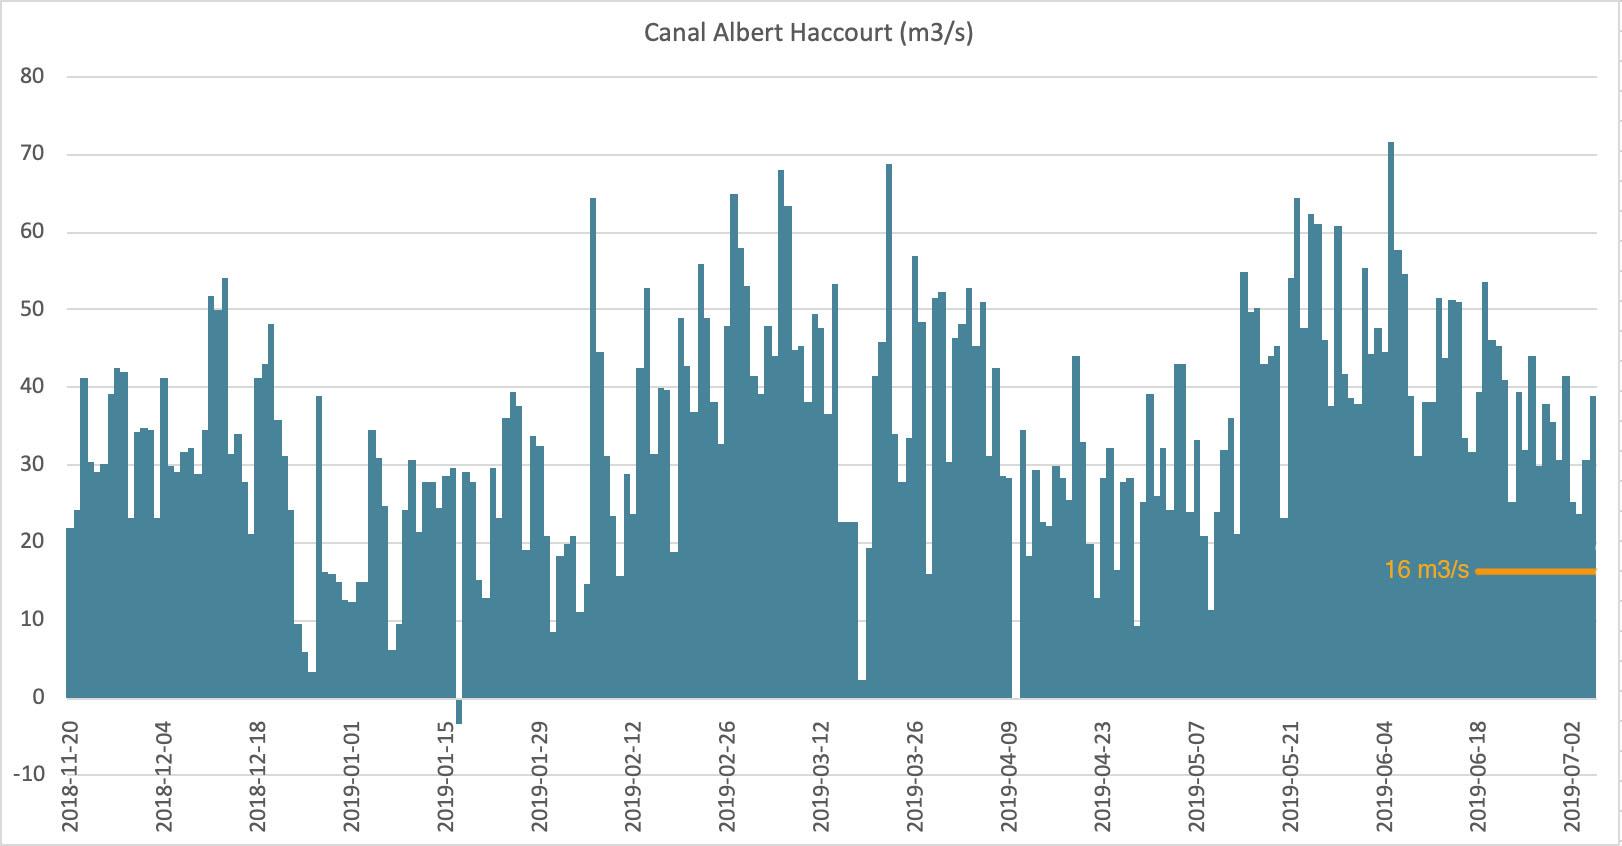 Hoeveelheid Maaswater (in m3/s) per dag afgevoerd via het Albertkanaal.